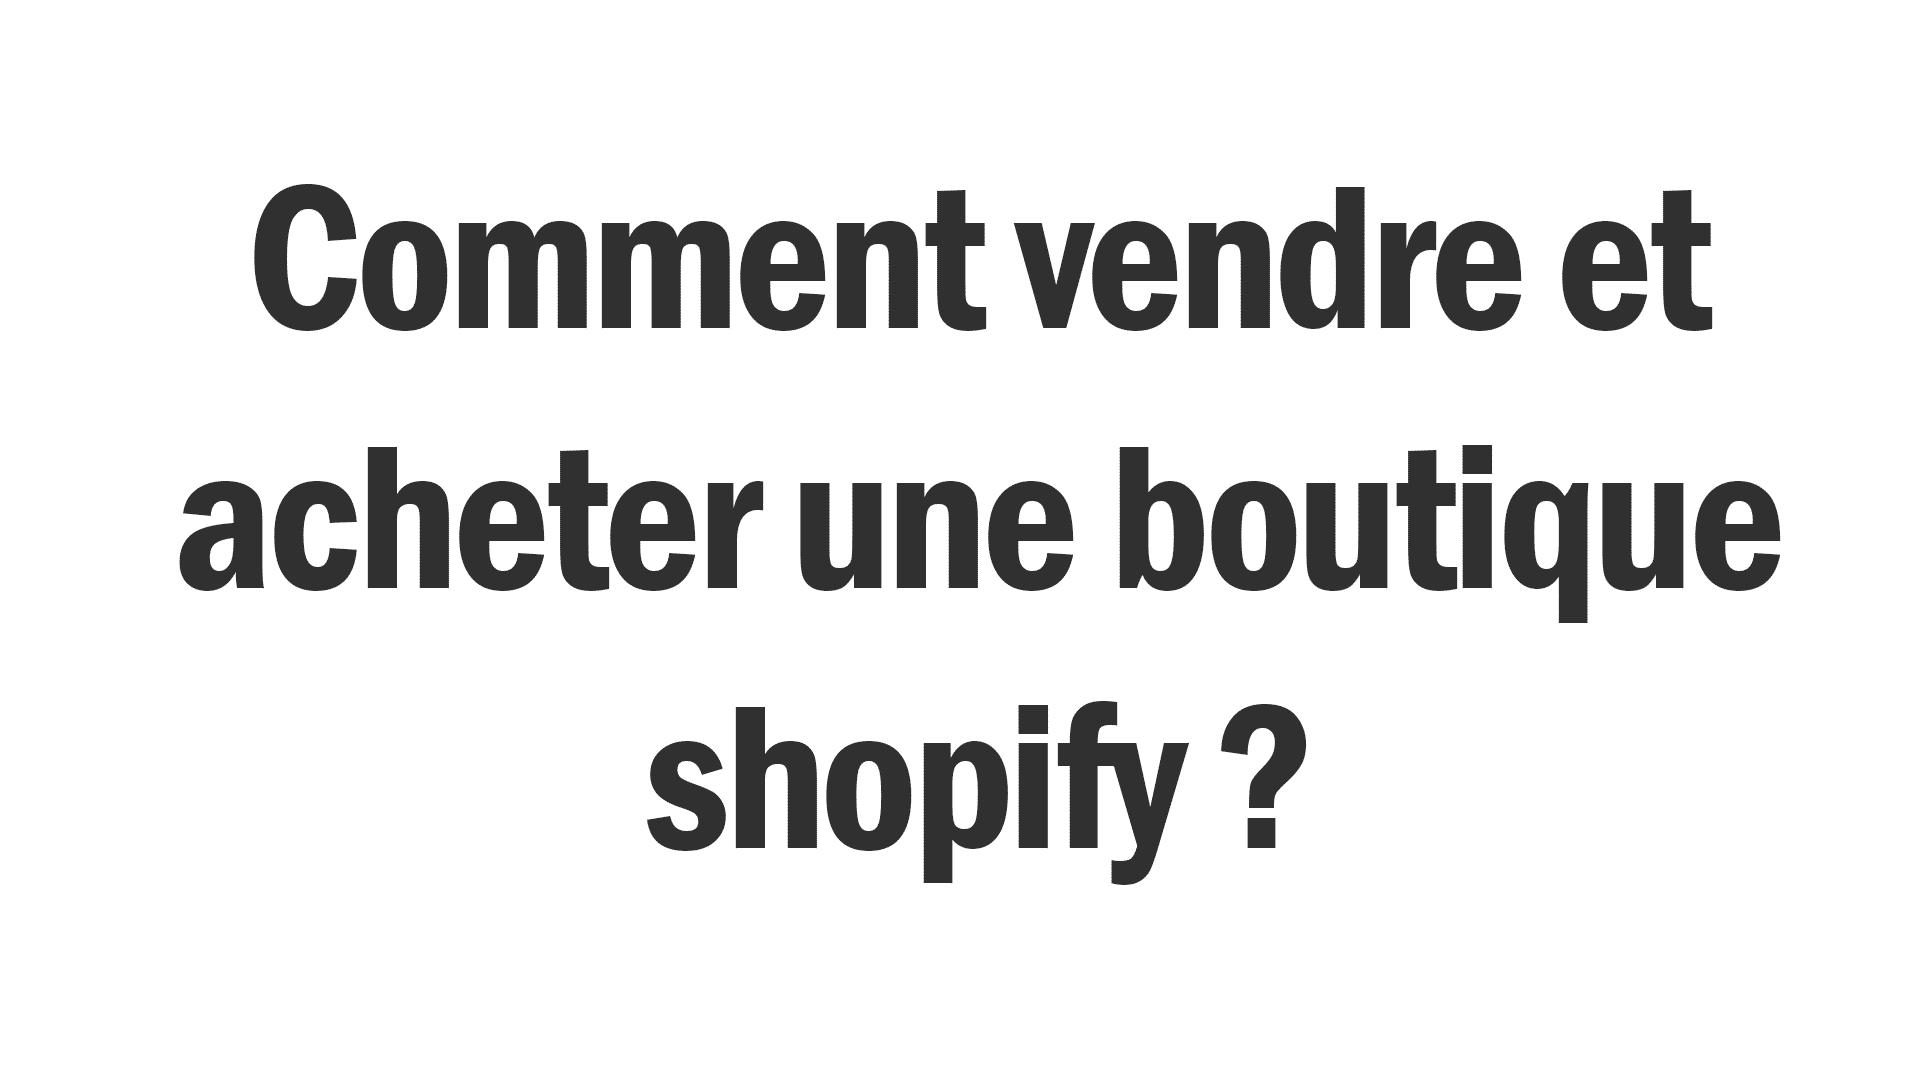 Comment vendre une boutique Shopify et sur quelle plateforme ?